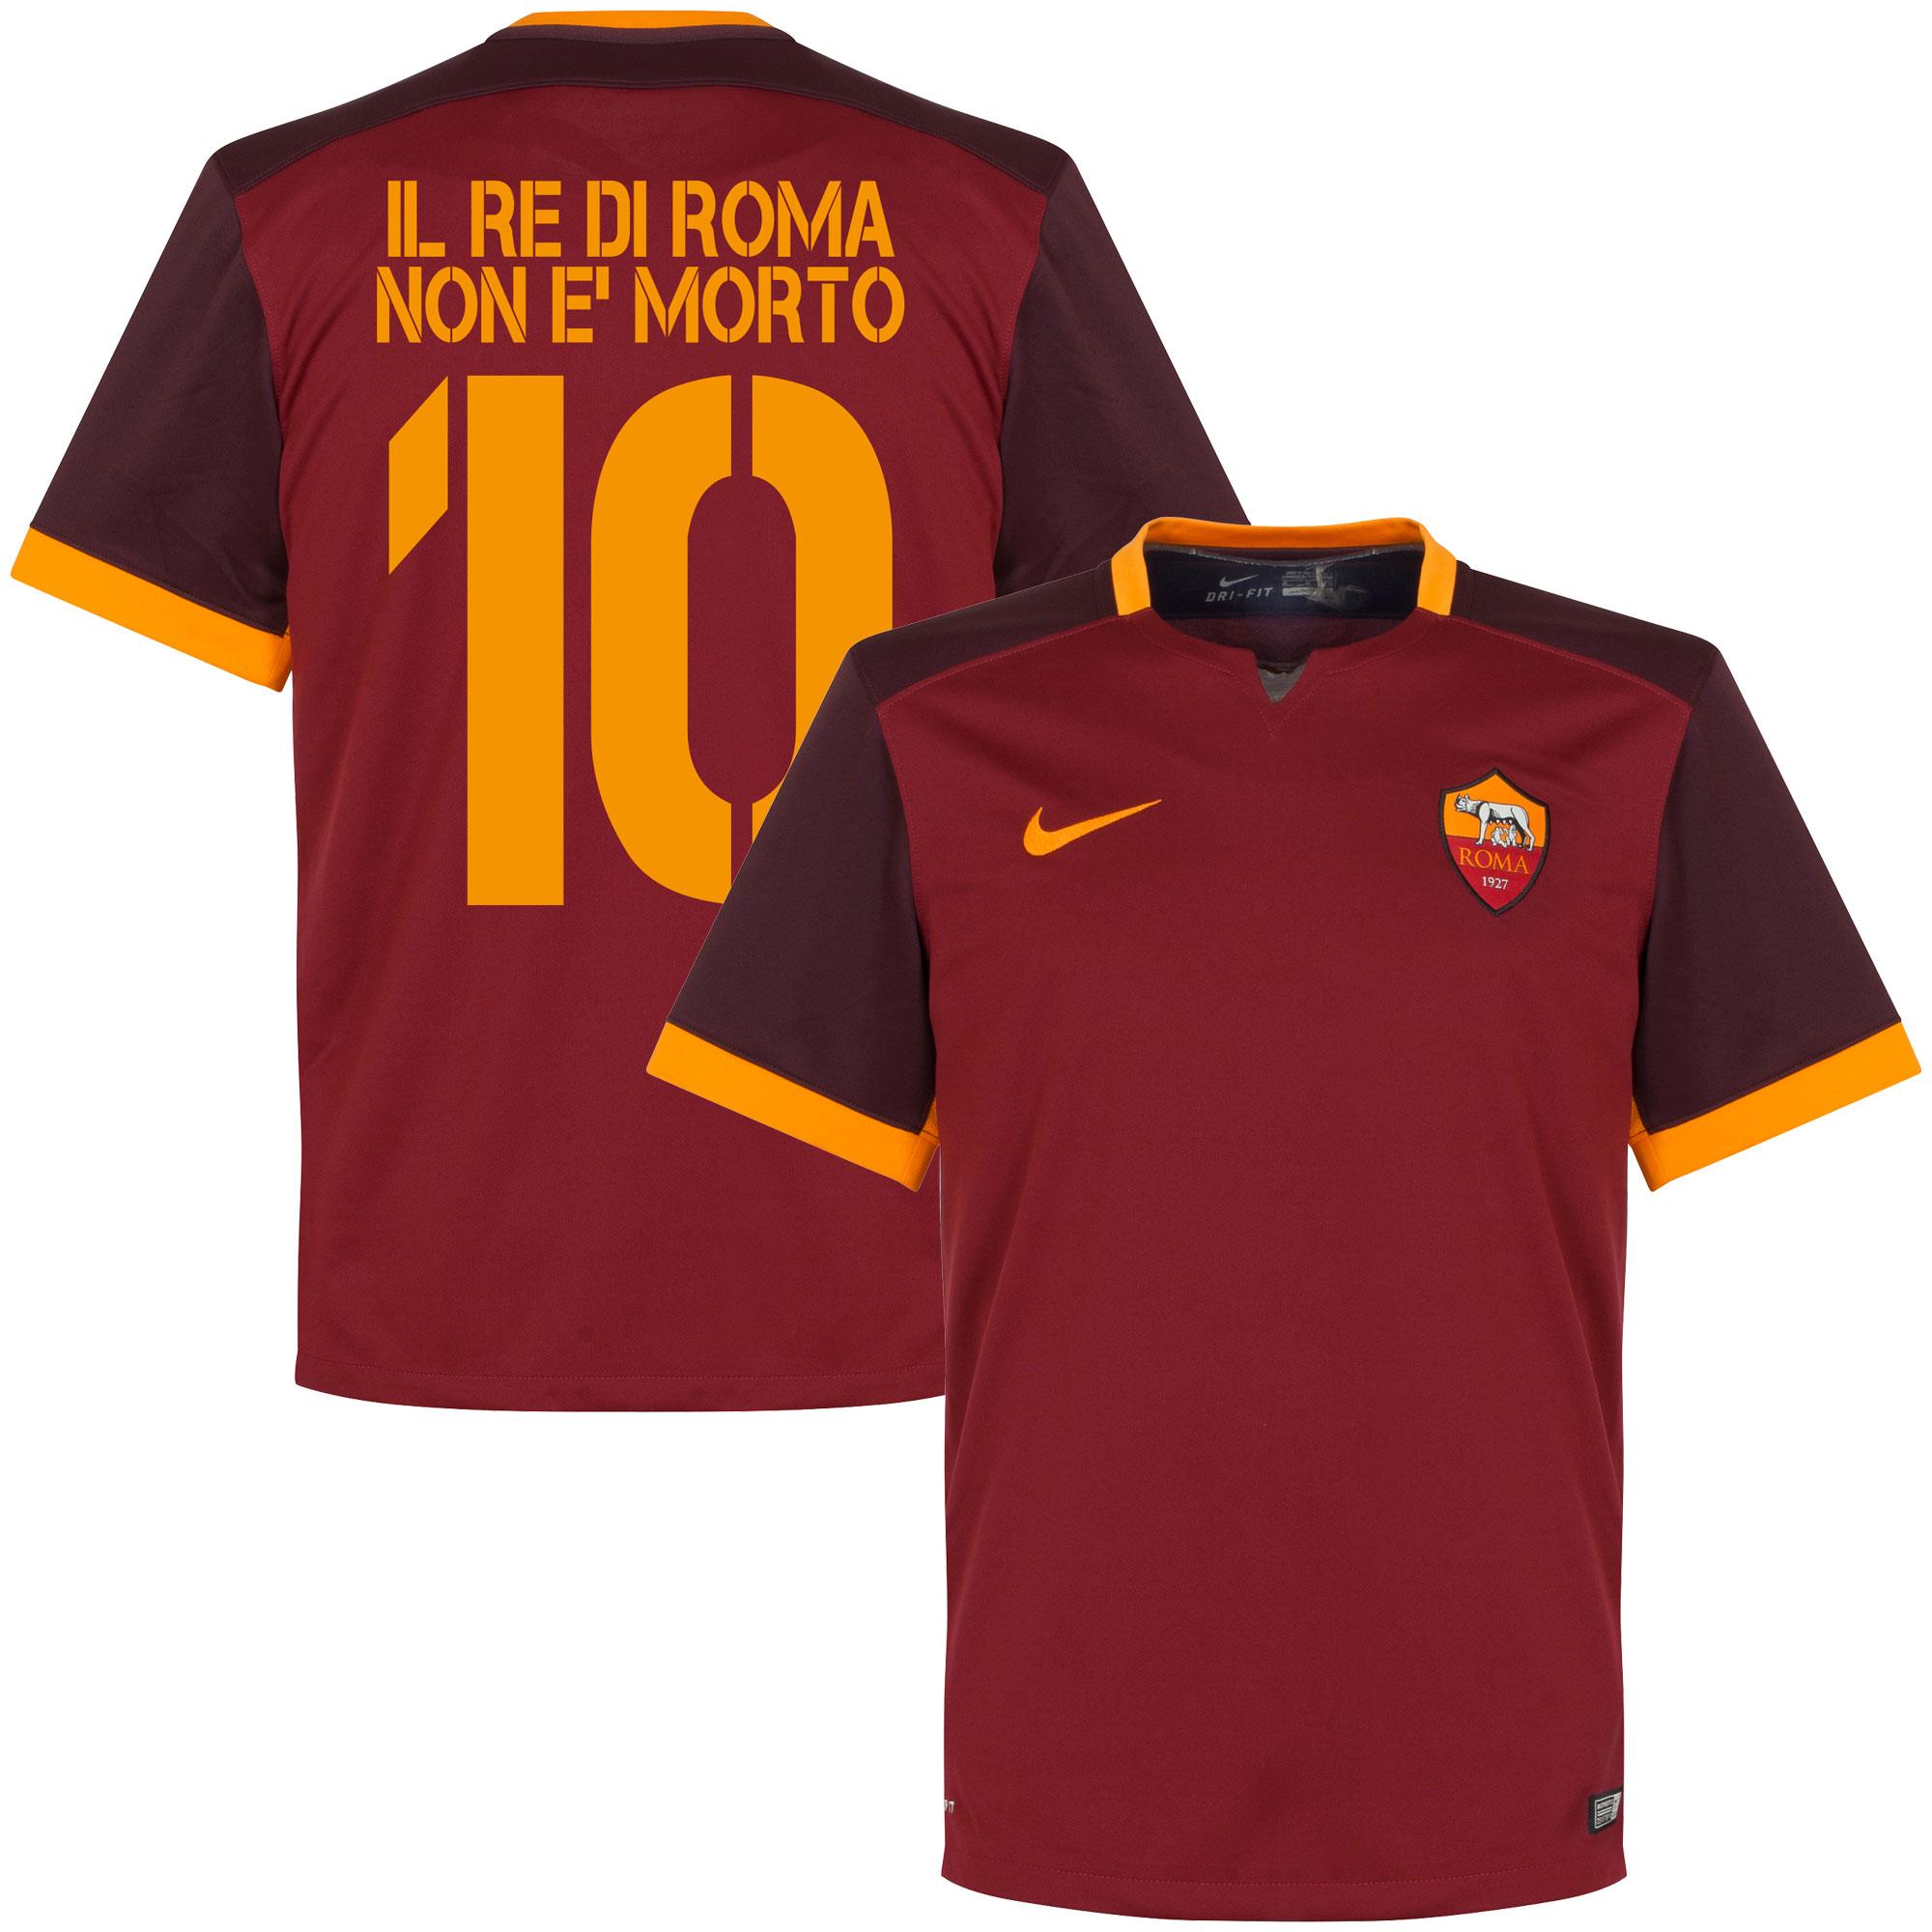 AS Roma Home Il Re Di Roma Non E'Morto Jersey 2015 / 2016 - XL